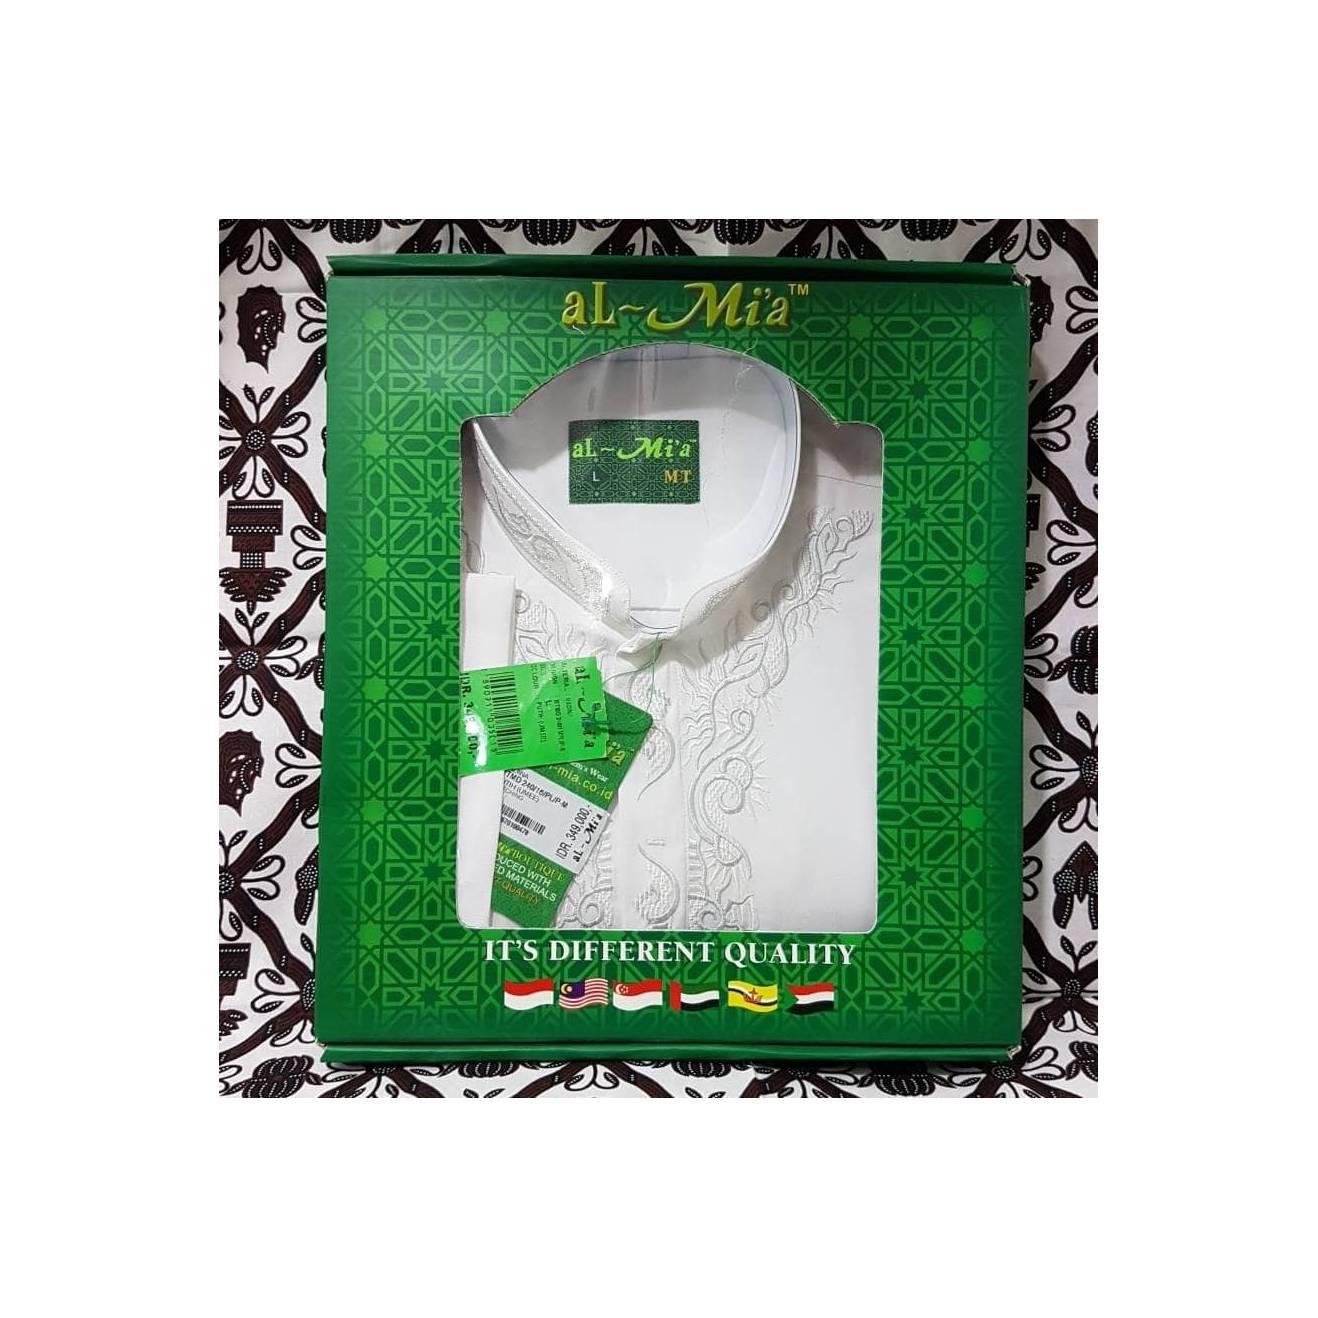 Baju Koko Almia MT T Panjang ukuran S M L XL Al Mia